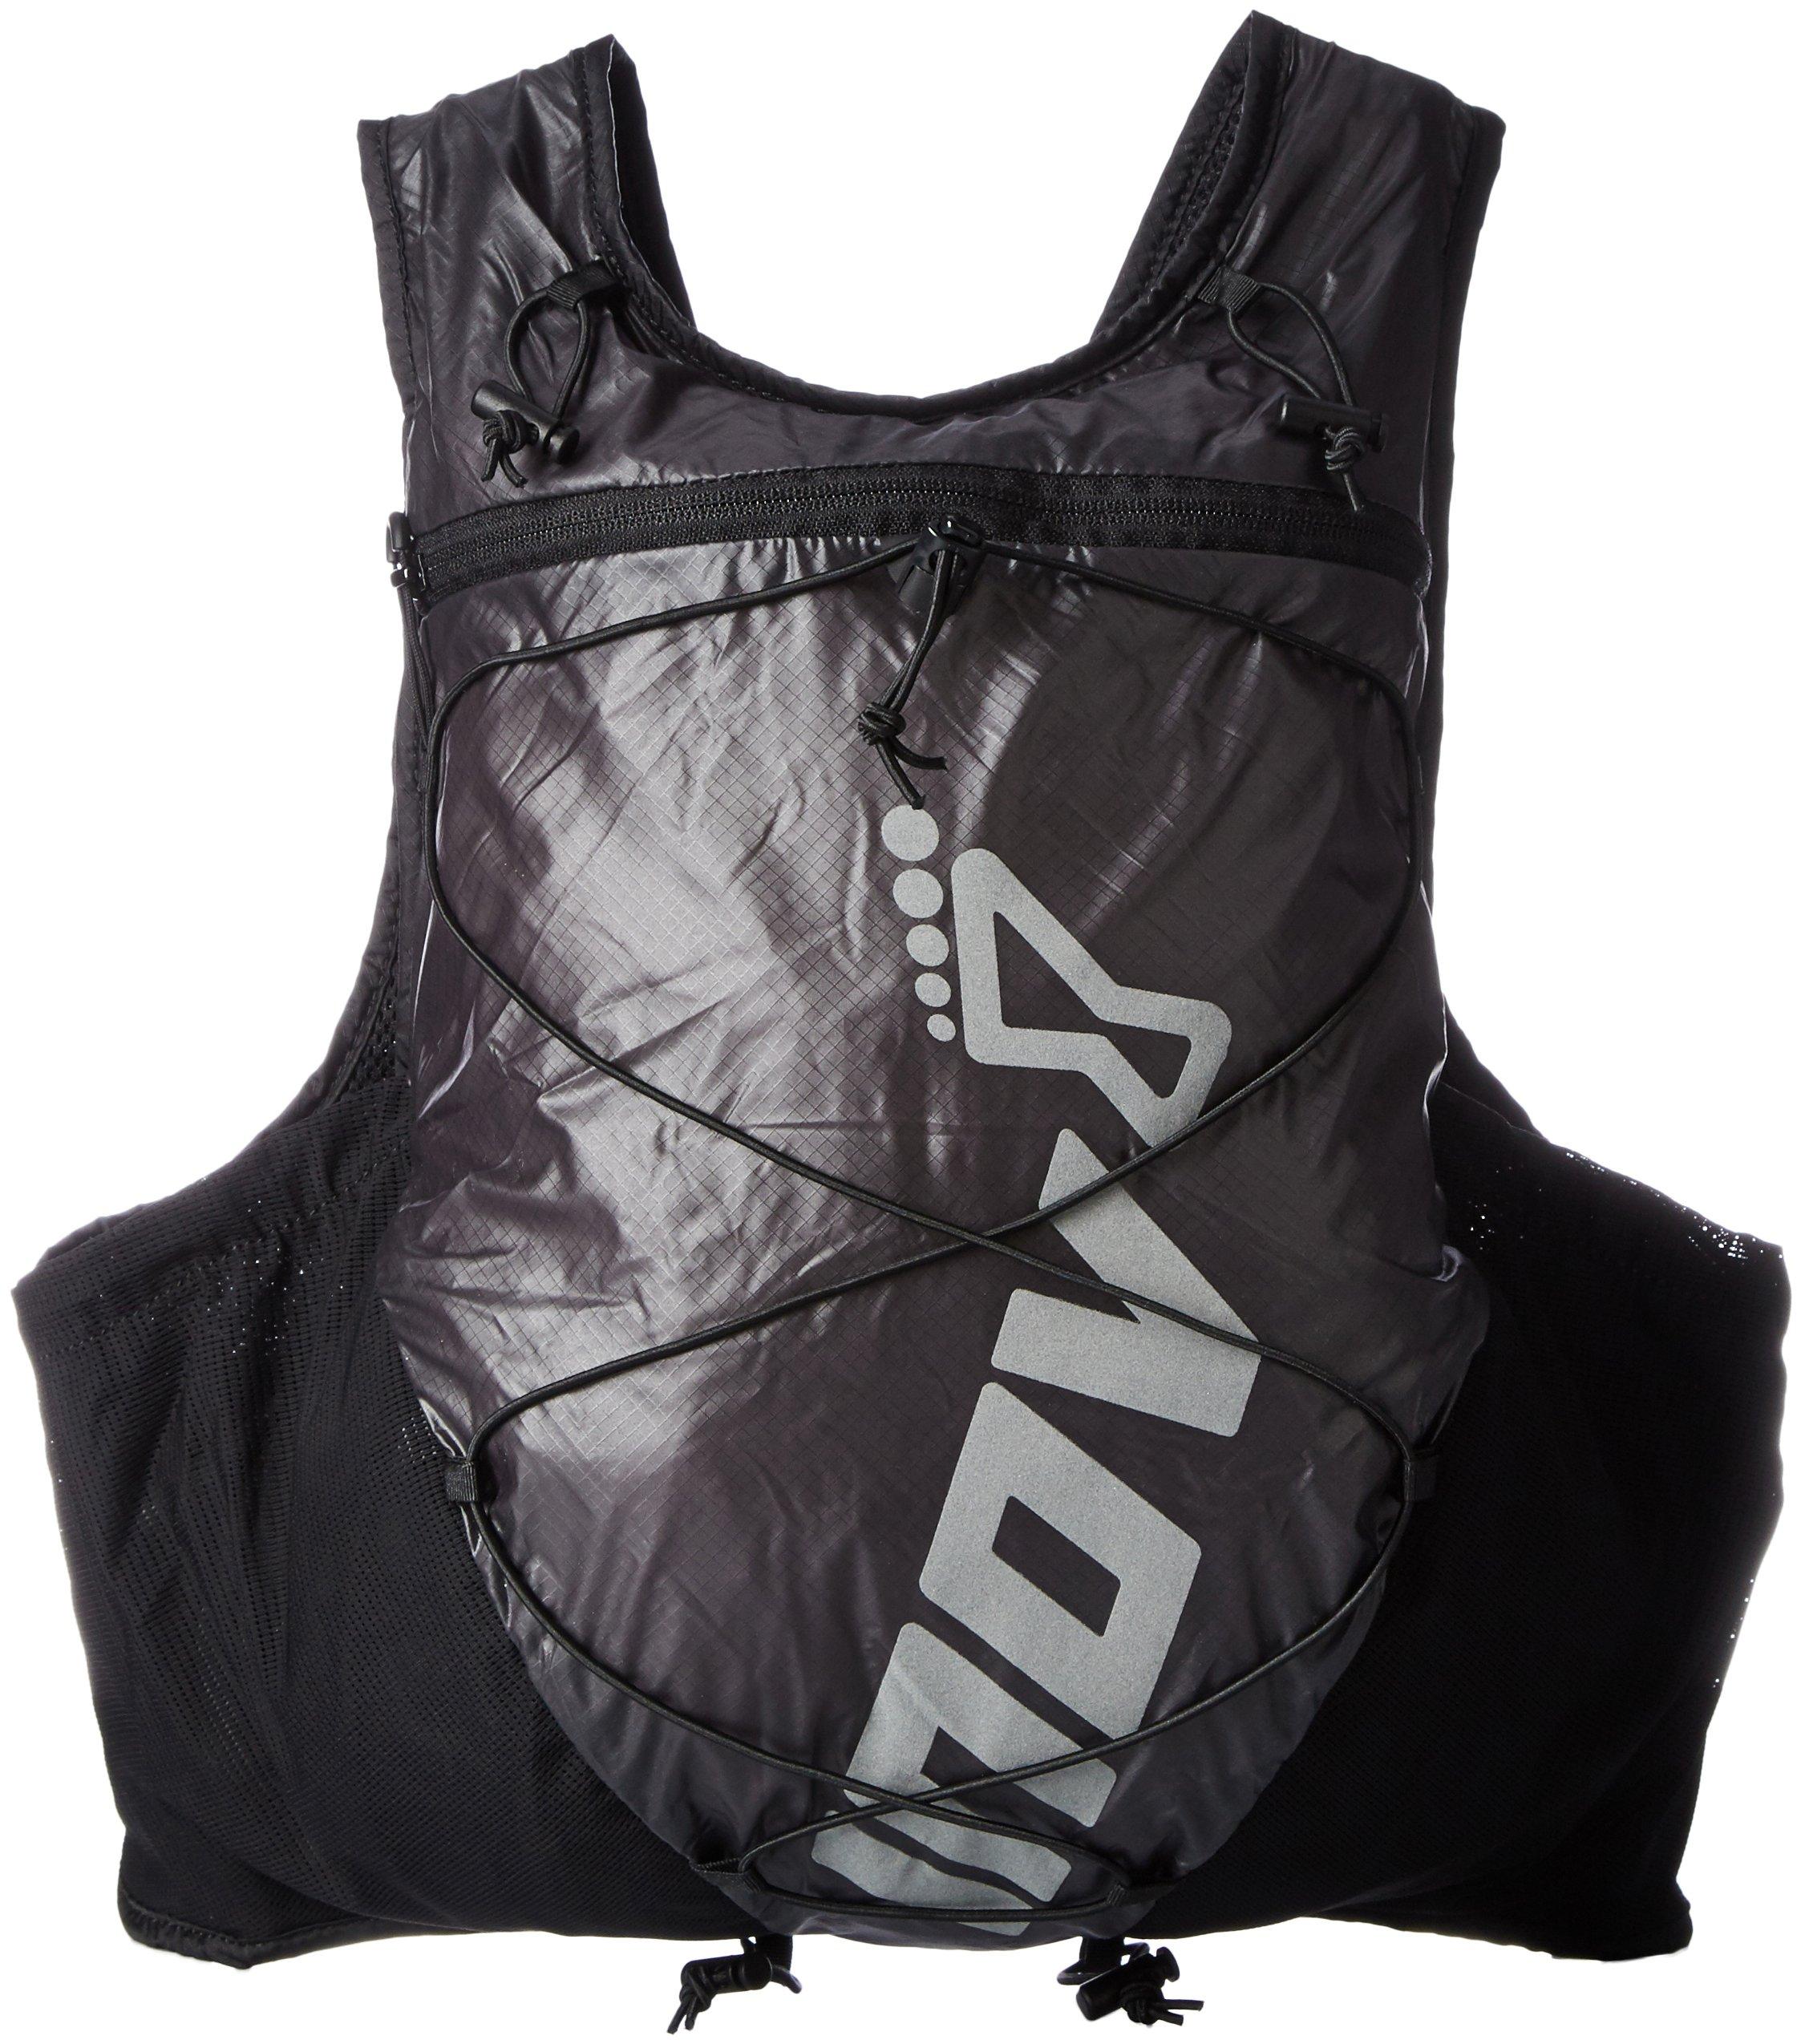 Inov8 Race Ultra 10 Running Pack Black/Black S/M